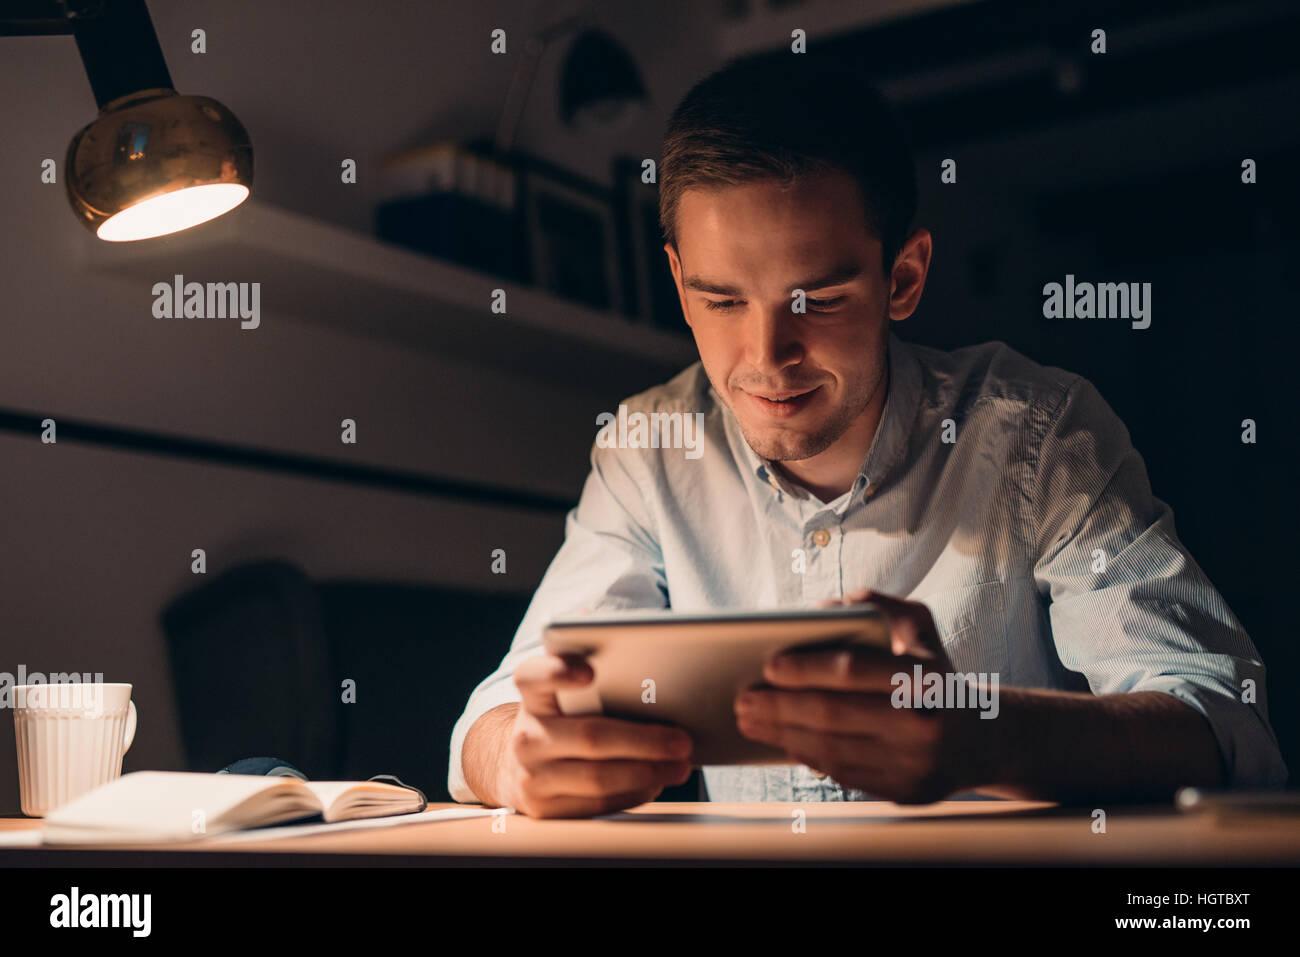 Junger Geschäftsmann mit einer Tablette spät in die Nacht arbeiten Stockbild